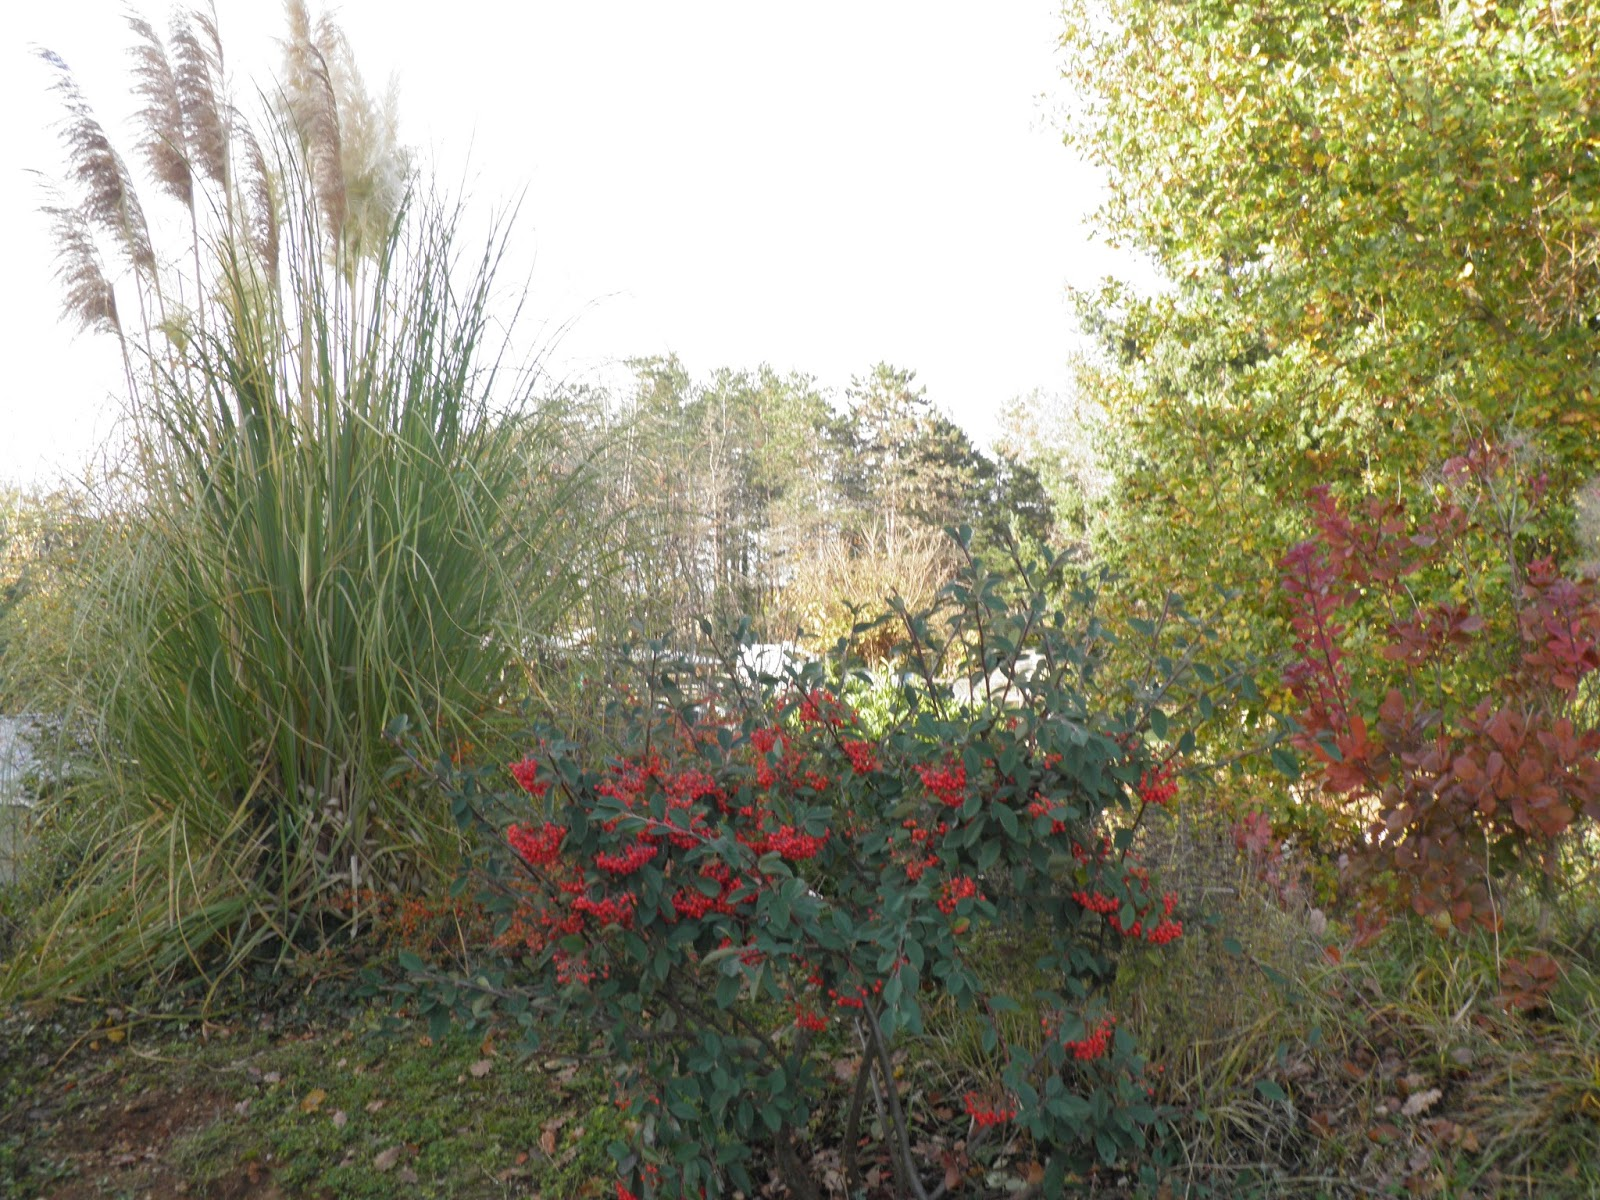 mon jardin quercynois atmosph re de novembre. Black Bedroom Furniture Sets. Home Design Ideas